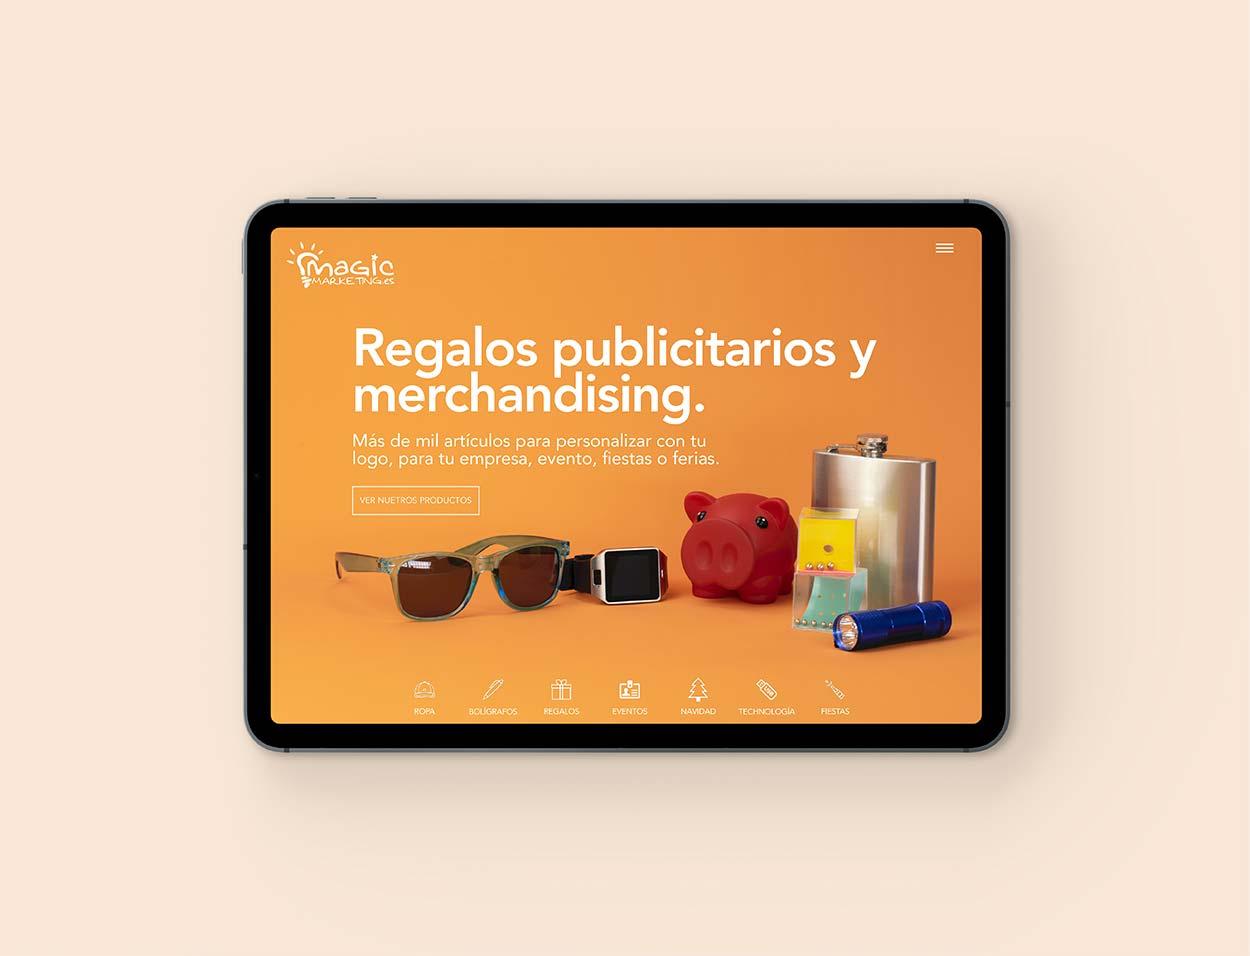 Diseño de página web en ipad con fotografía de producto para una empresa de marketing en Murcia.